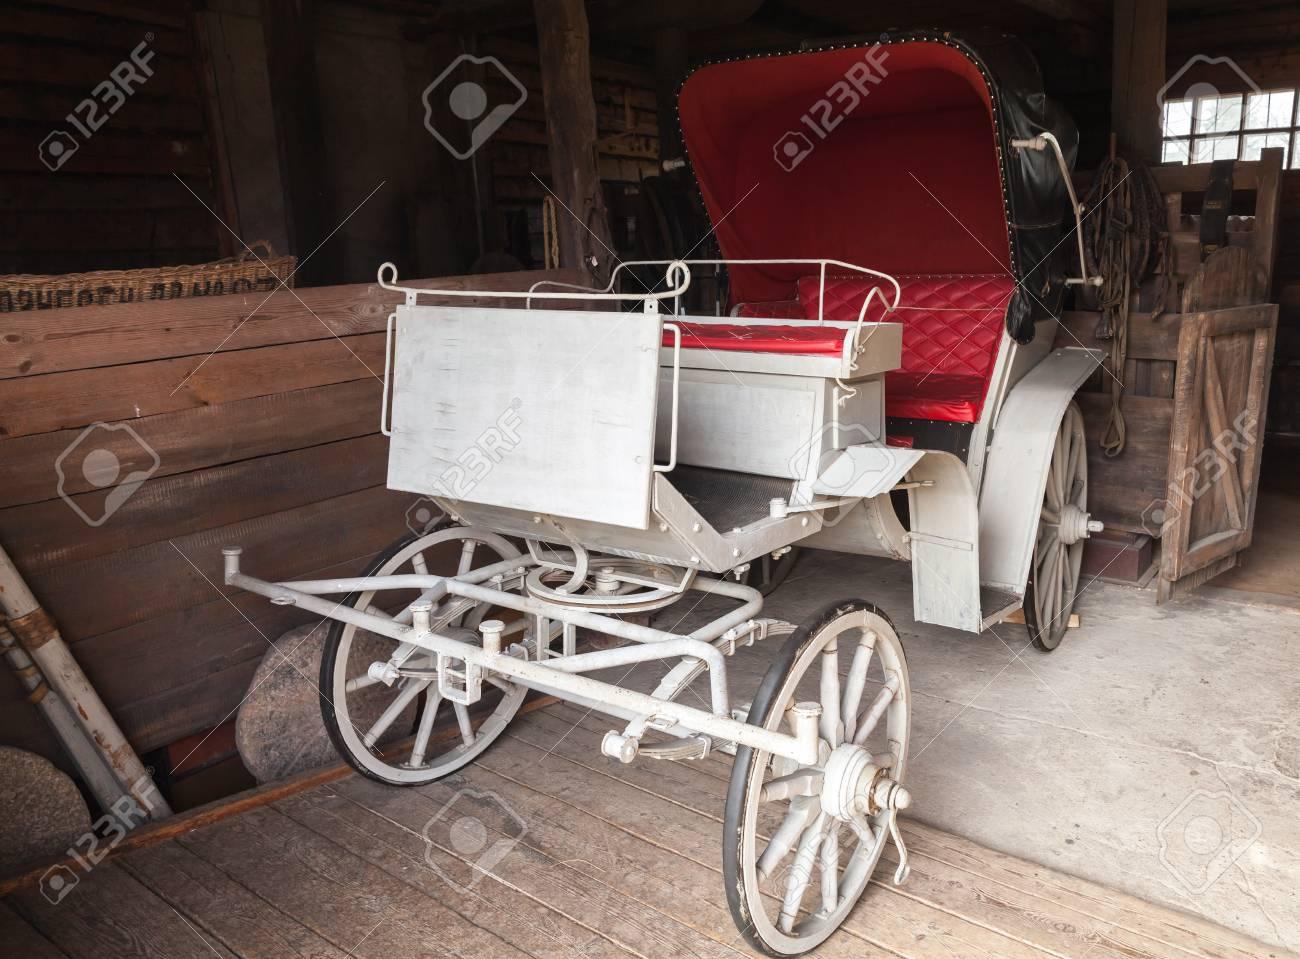 https de 123rf com photo 58893455 vintage wei c3 9fe wagen mit roten salon steht in l c3 a4ndlichen garage html